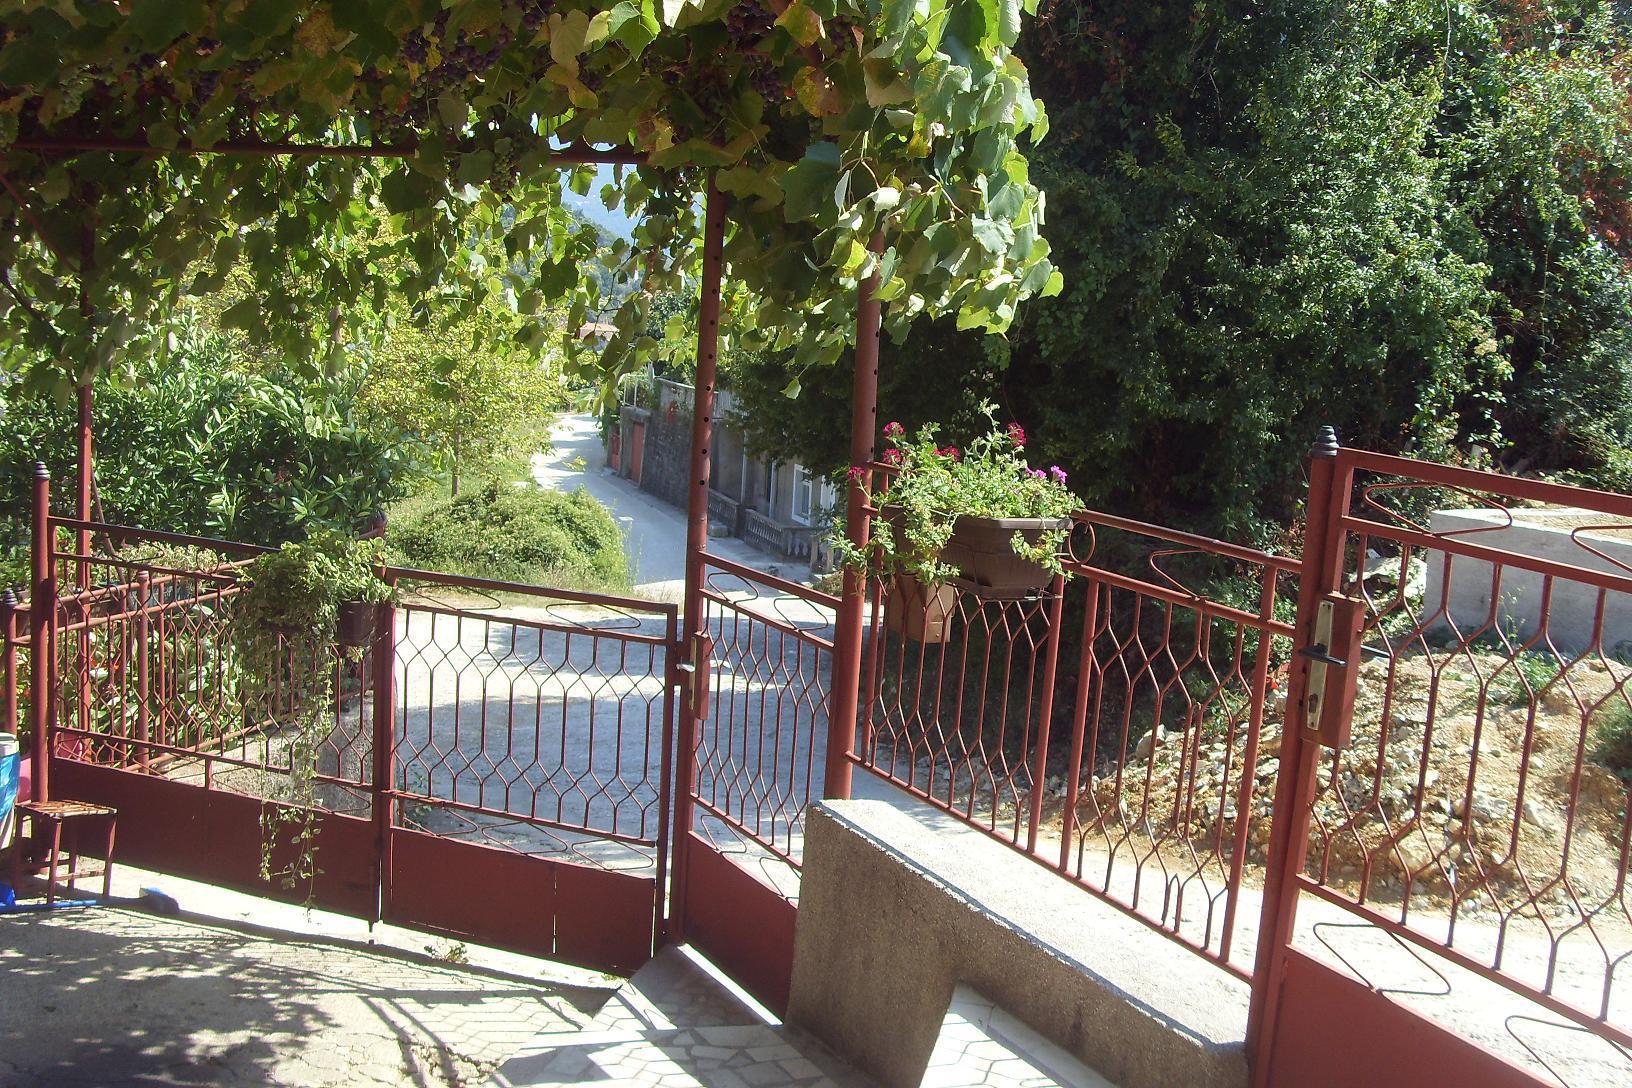 Ulazna kapija i dvorište